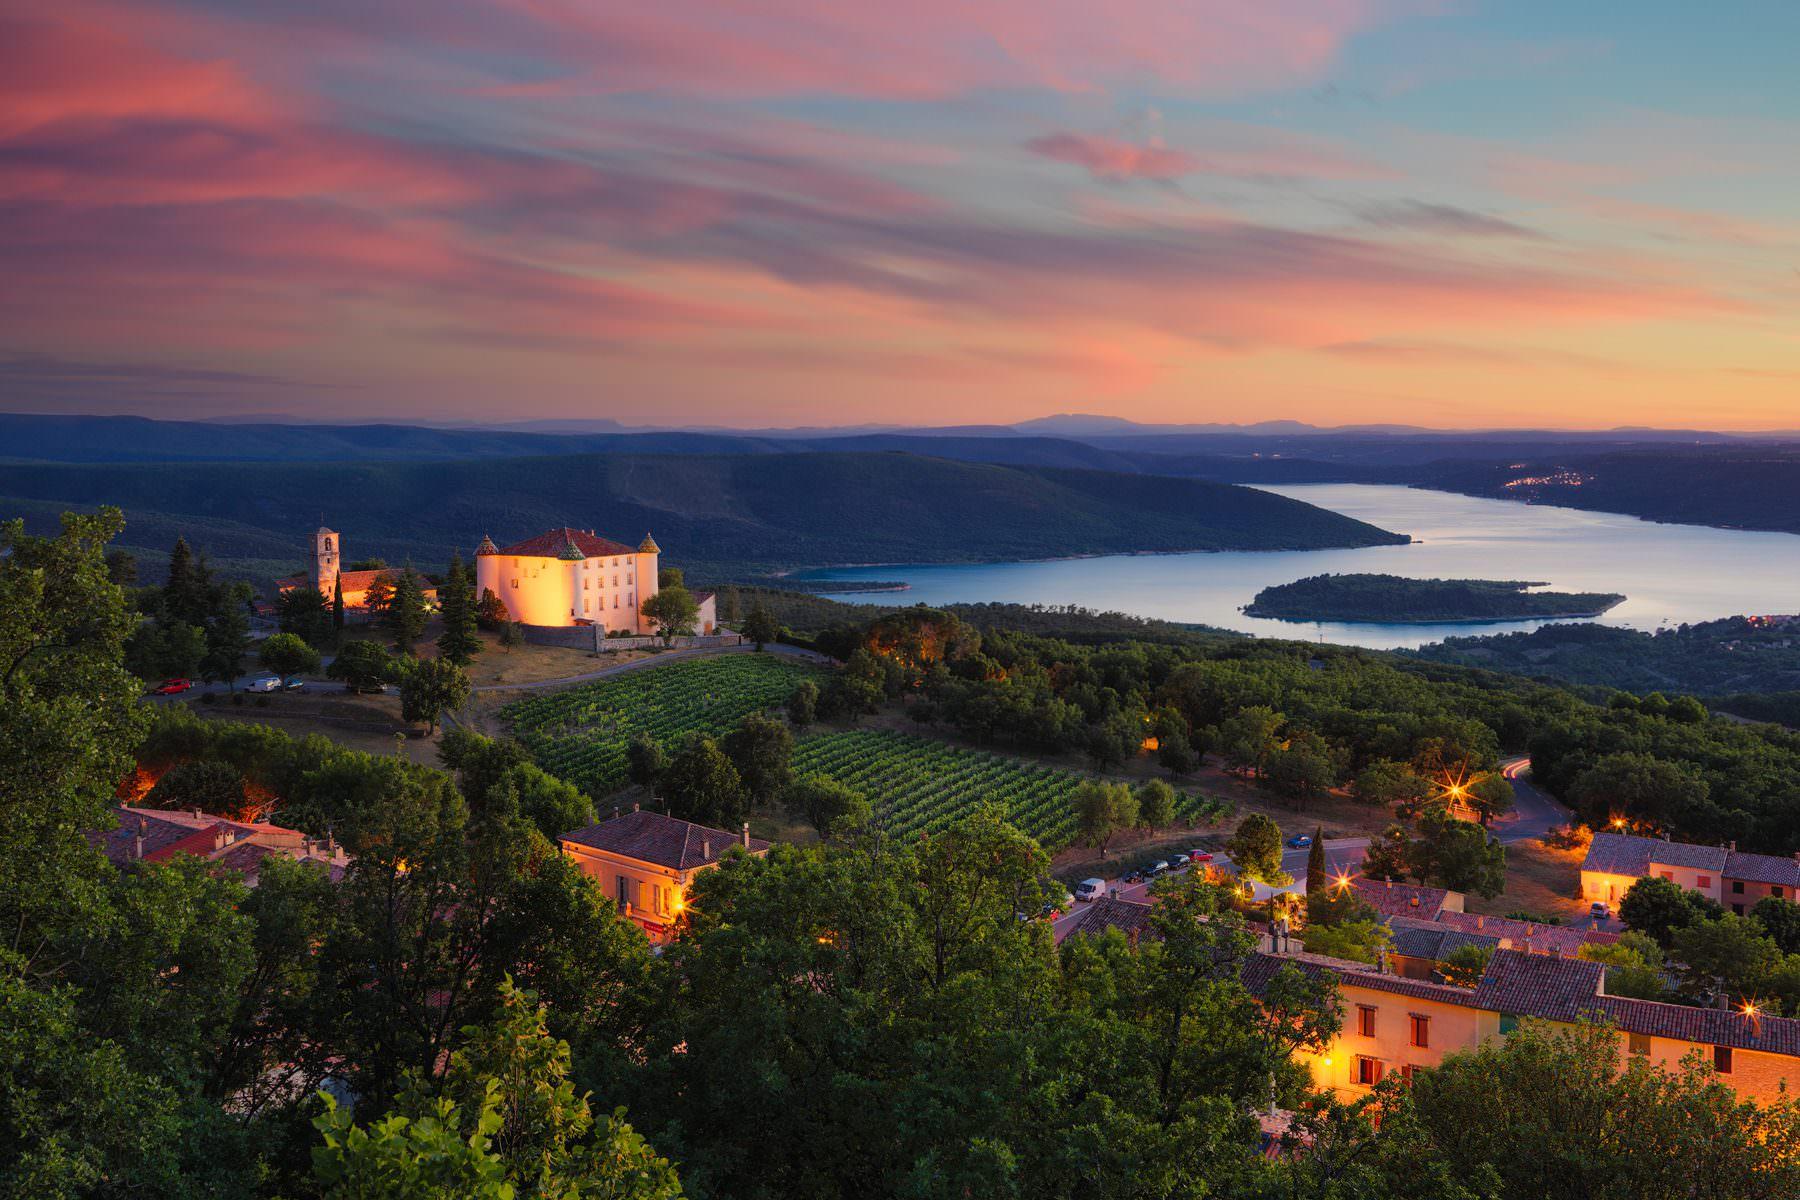 Landschaftsaufnahme - France - Provence - Chateau d'Aiguines - Lac de Sainte-Croix